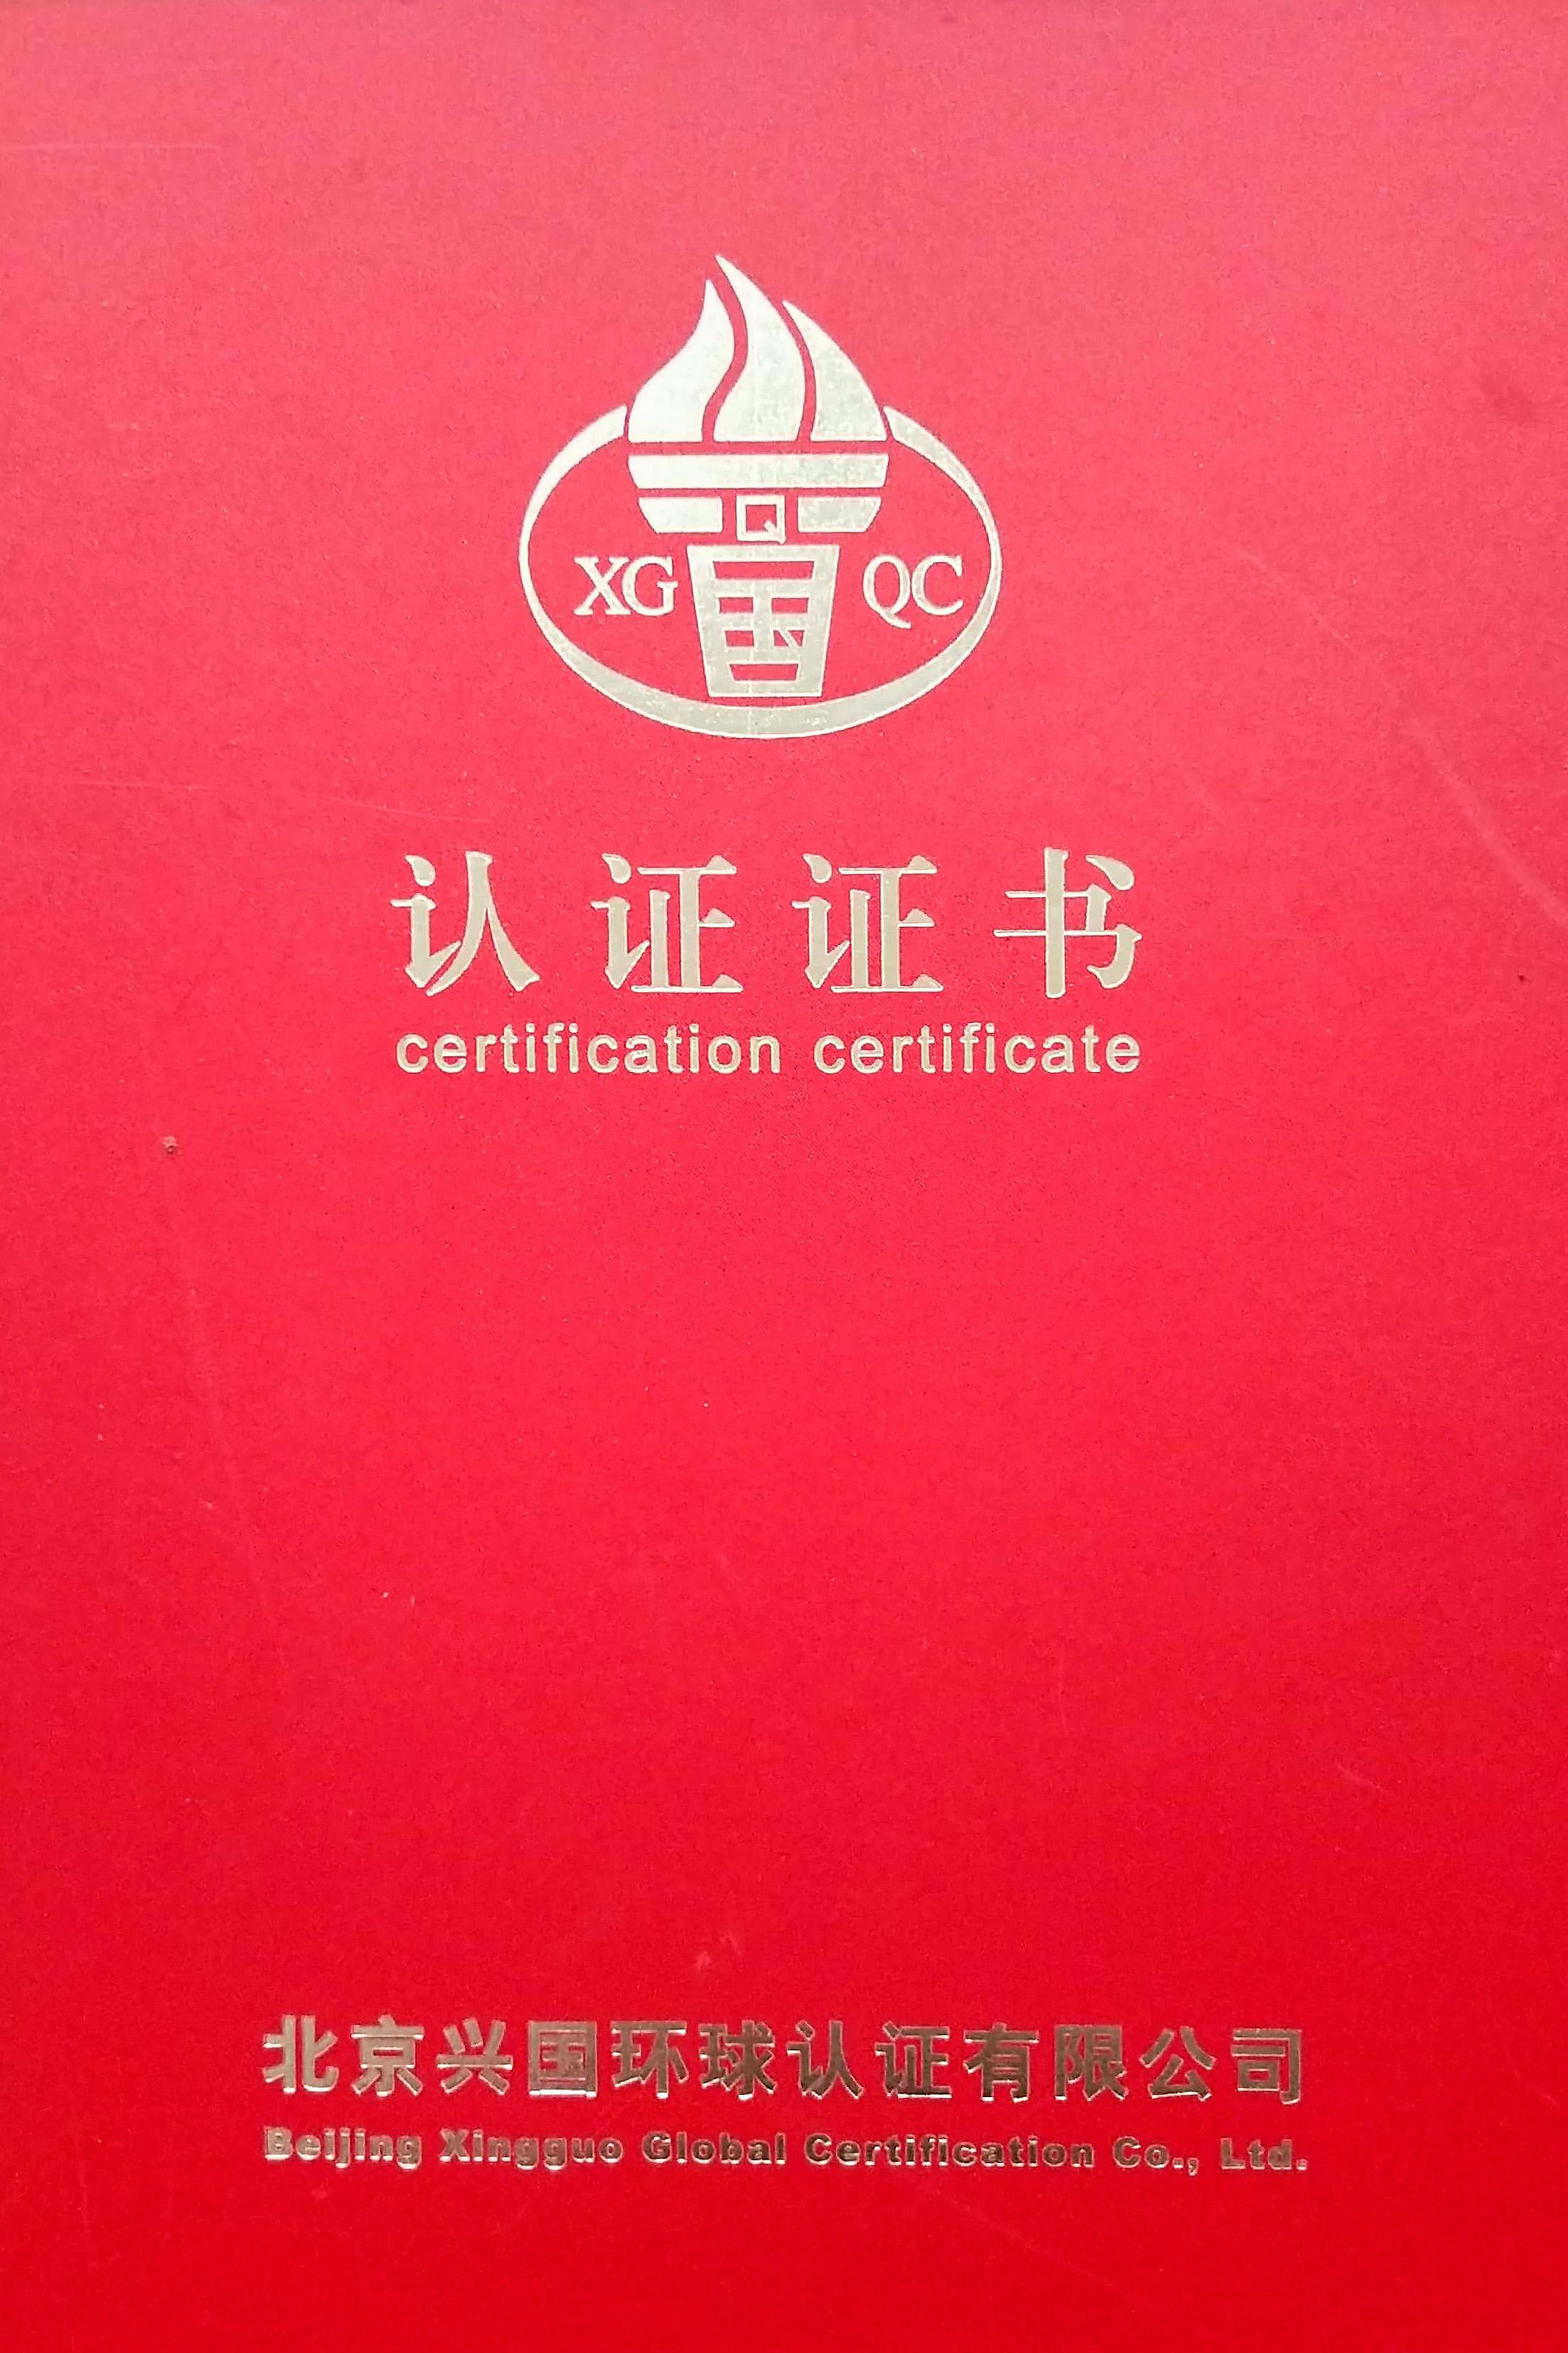 质量管理体系认证证书-封皮